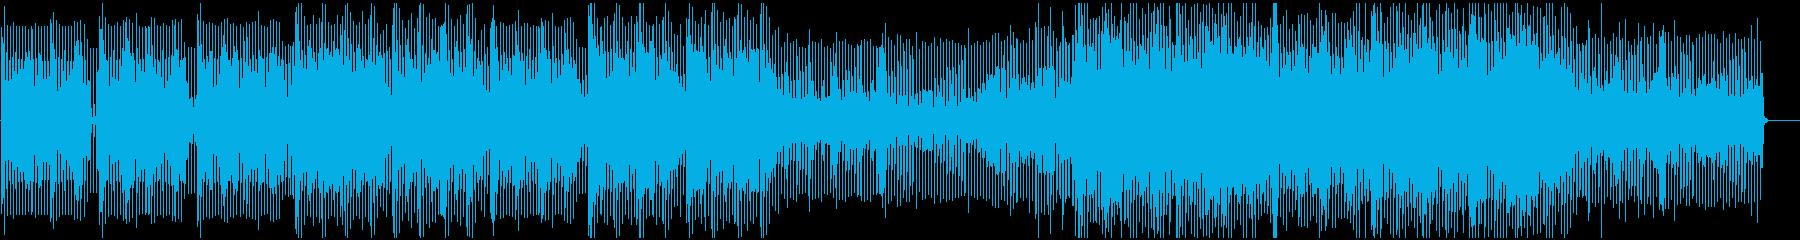 パワフルで疾走感あるメロディーの再生済みの波形